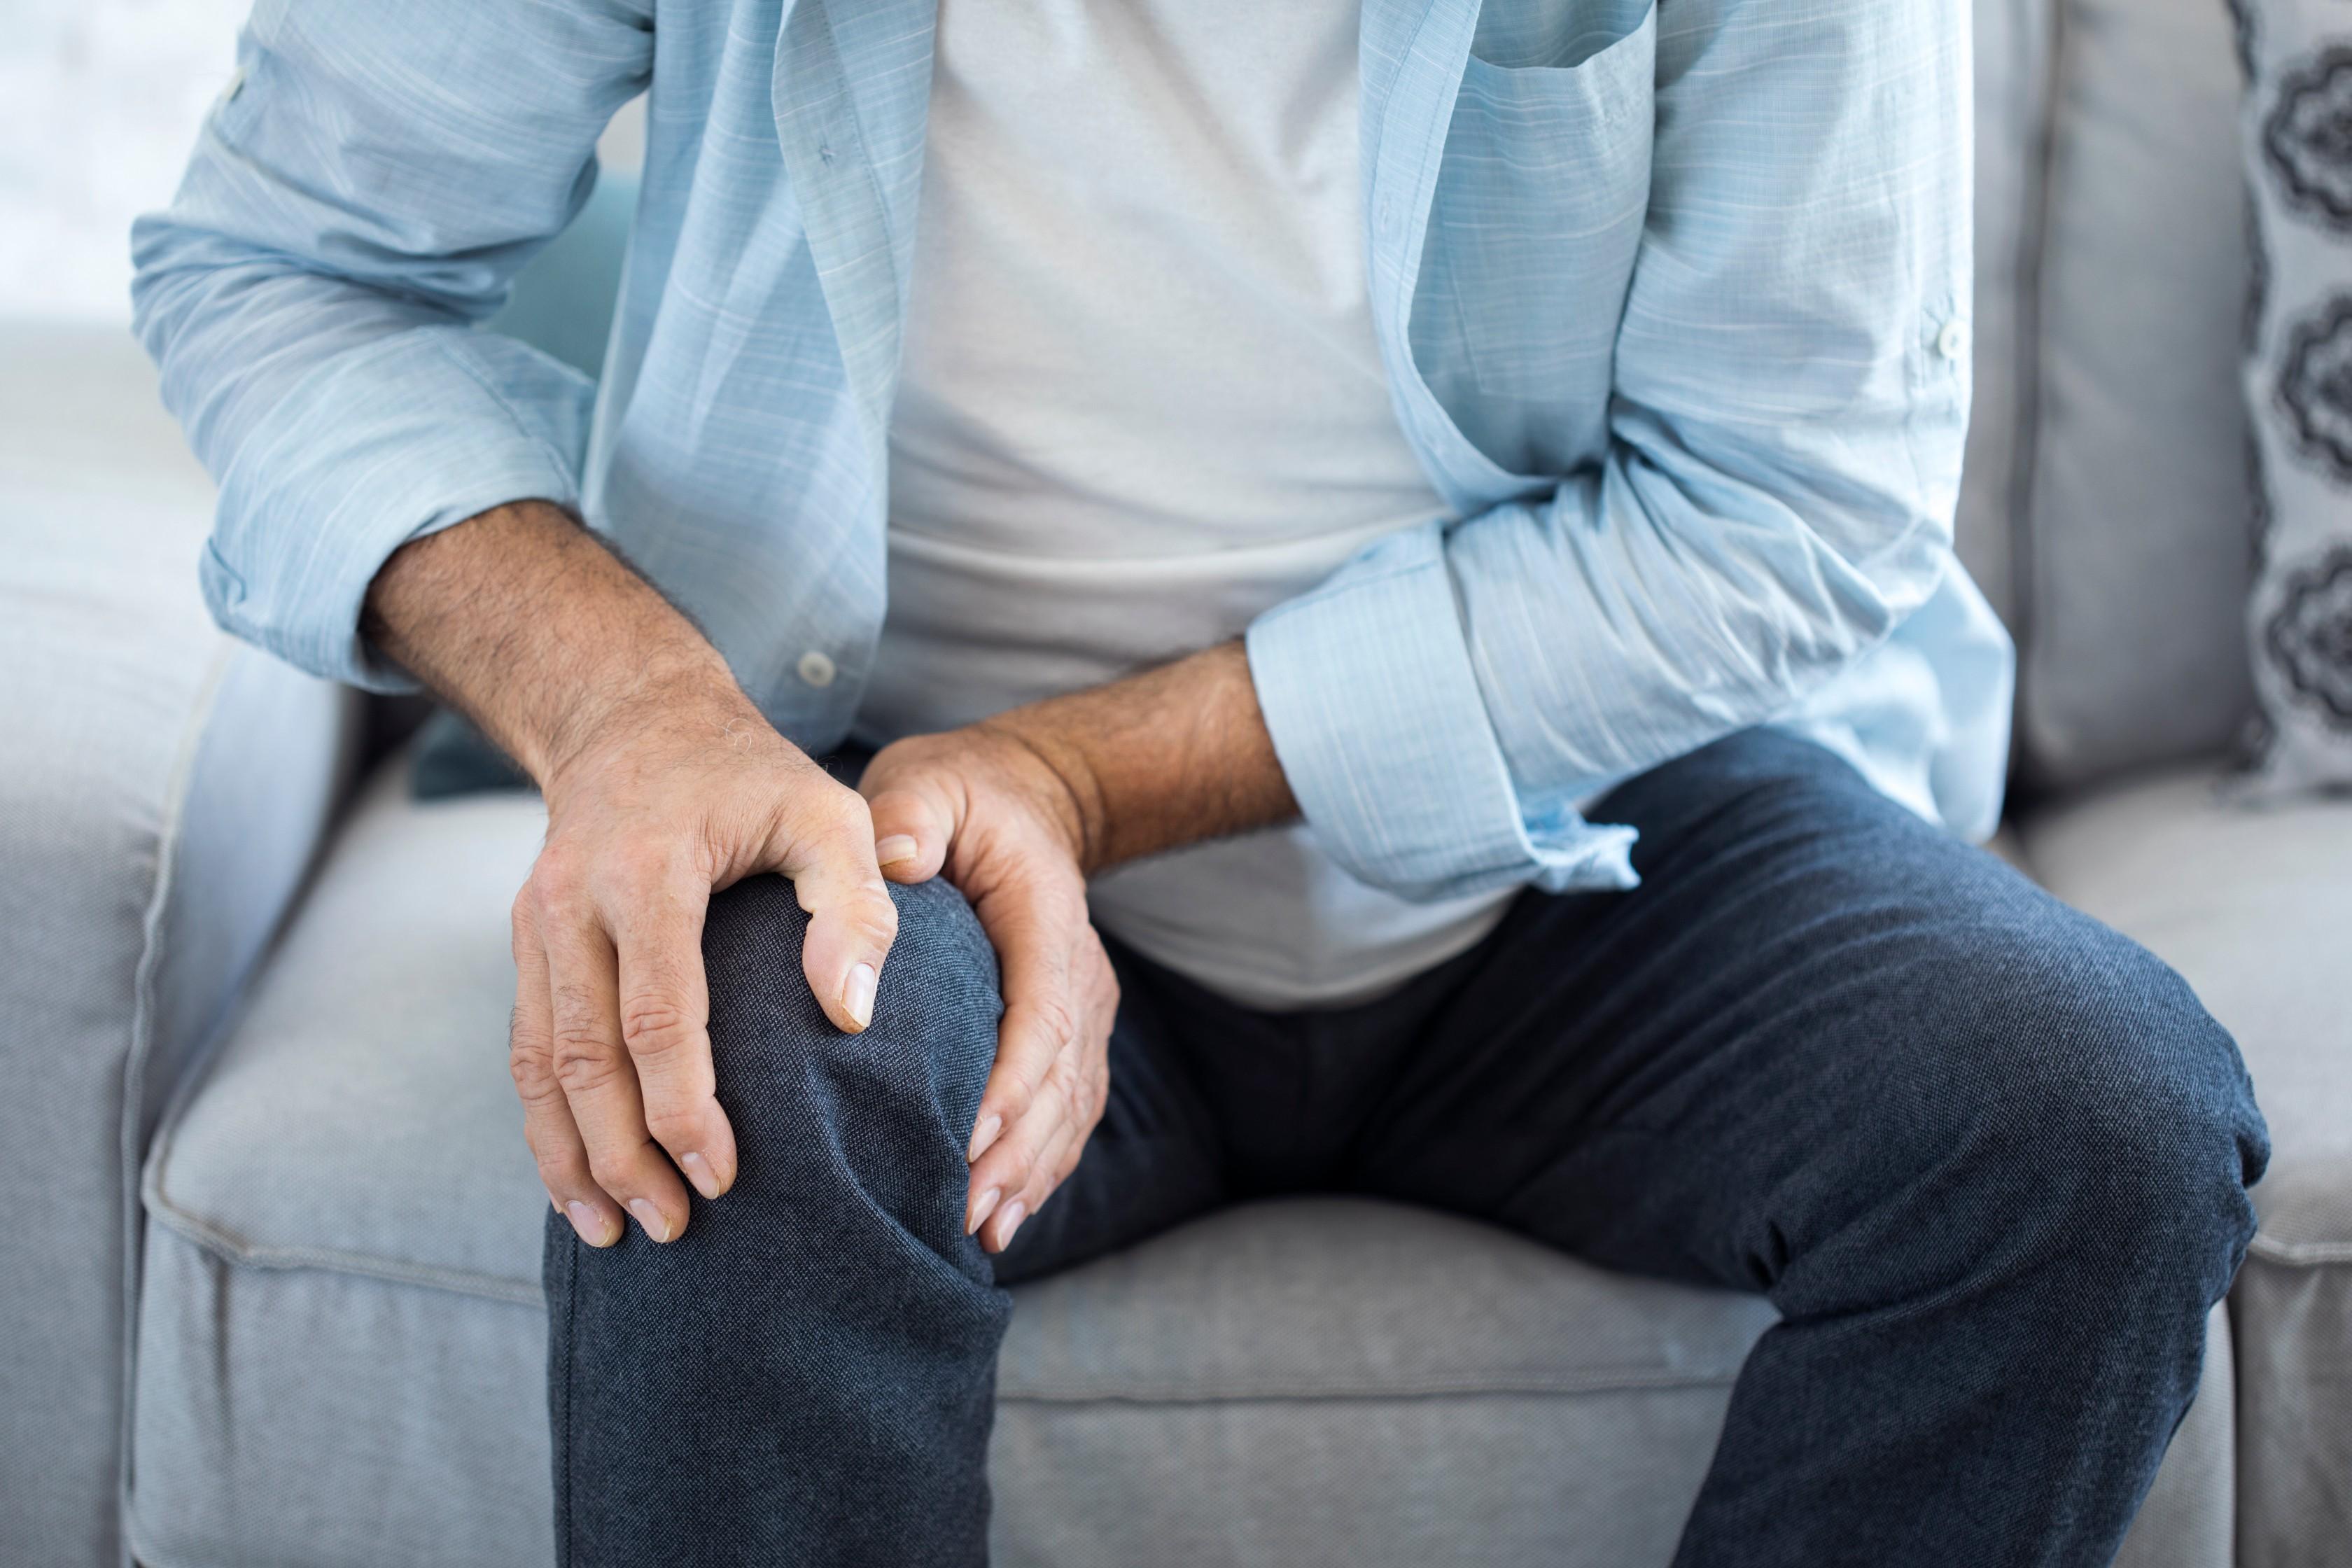 ízületi fájdalom a test egyik oldalán nagylábujj-fájdalom kenőcs